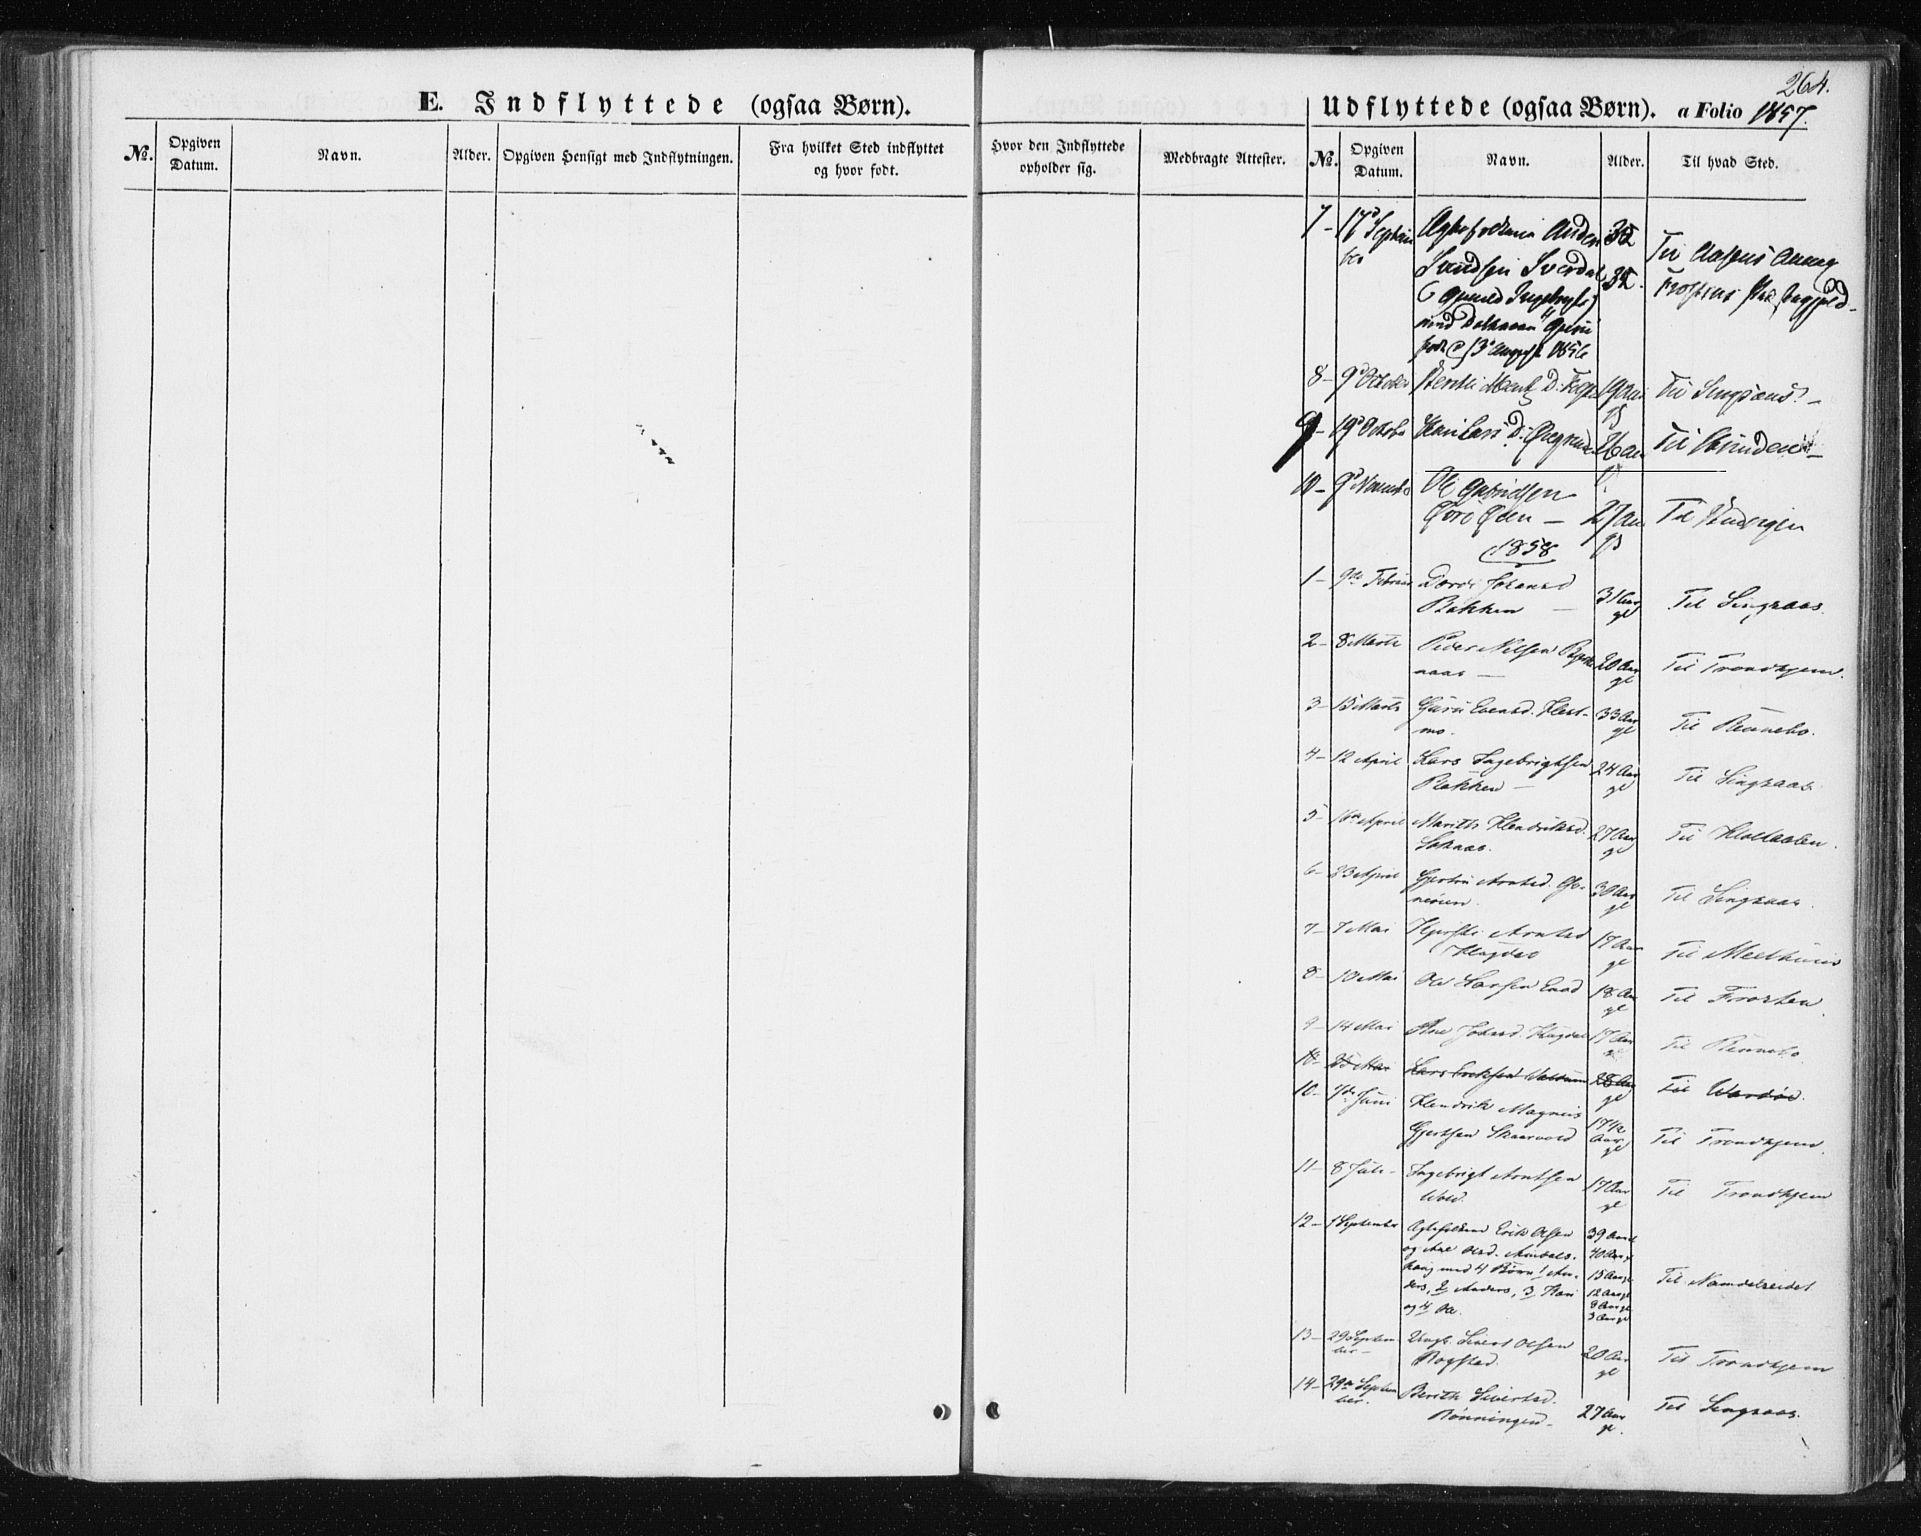 SAT, Ministerialprotokoller, klokkerbøker og fødselsregistre - Sør-Trøndelag, 687/L1000: Ministerialbok nr. 687A06, 1848-1869, s. 264